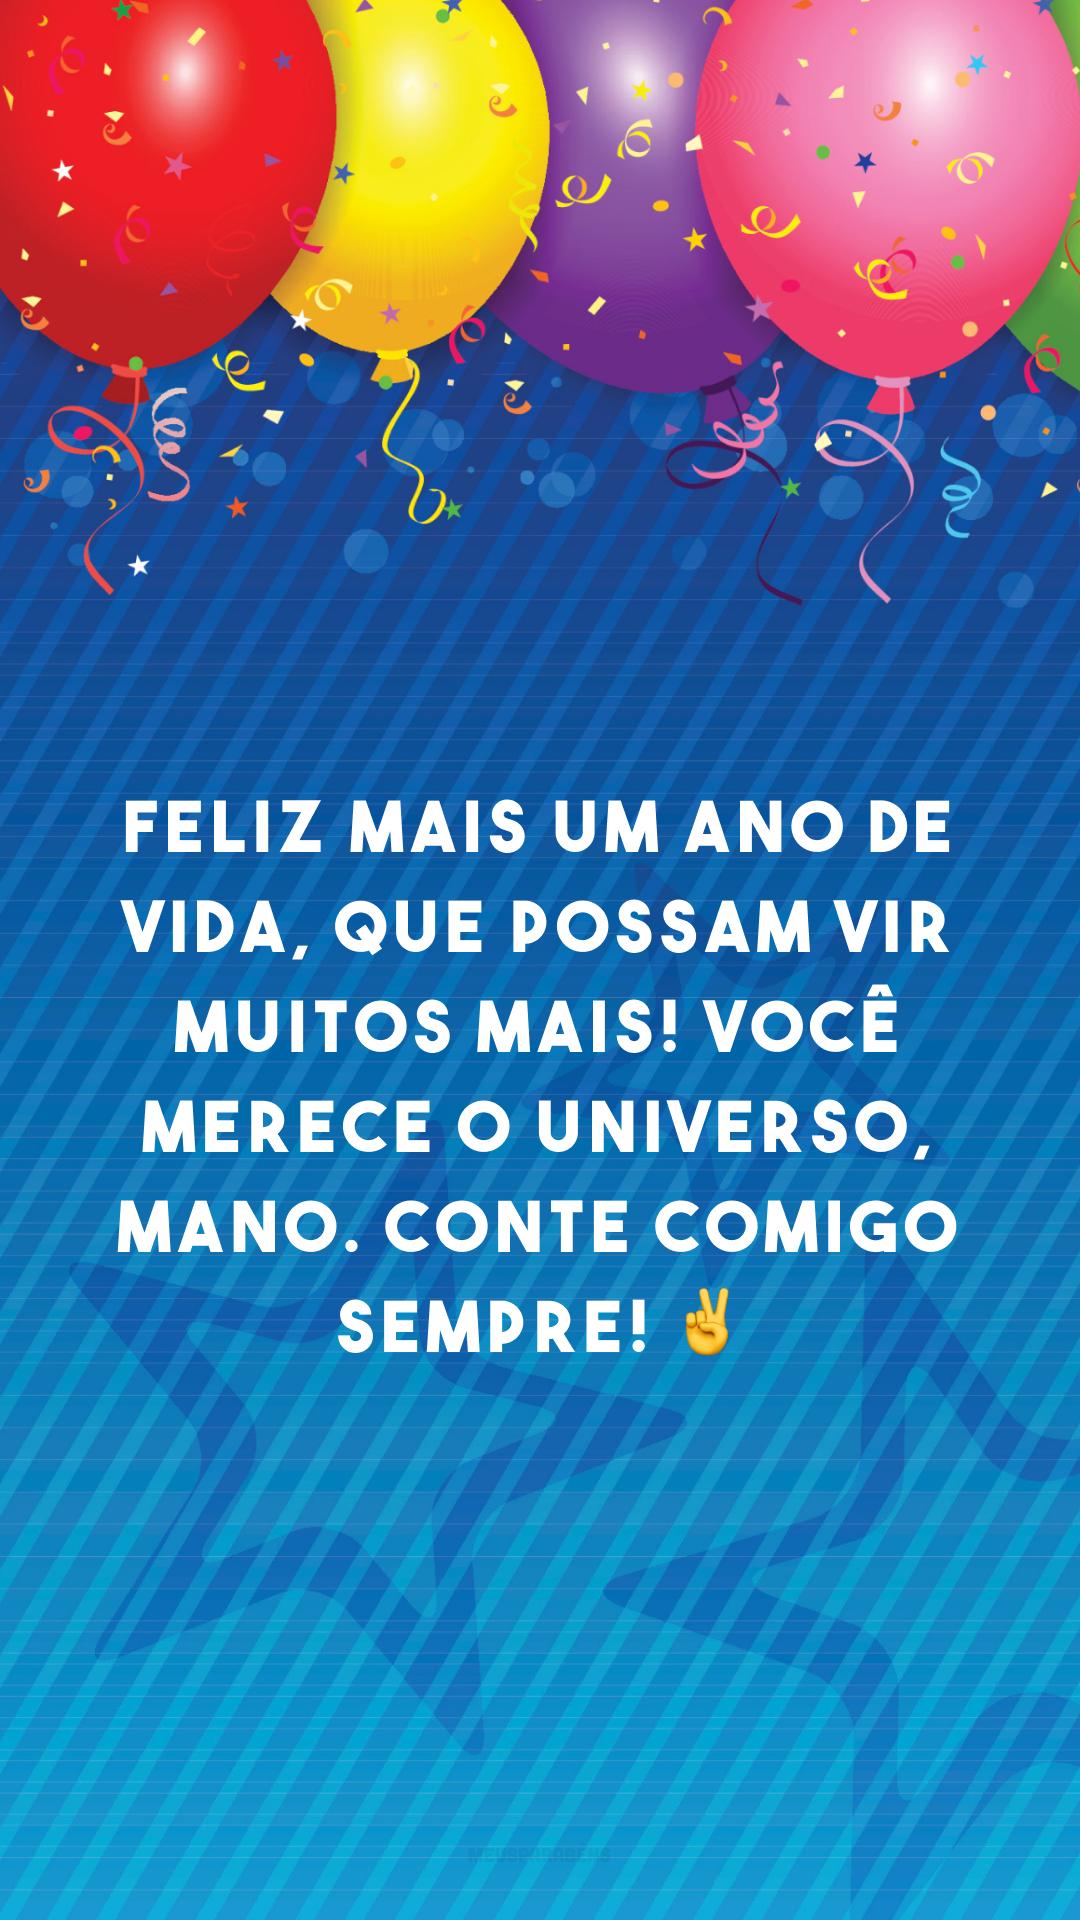 Feliz mais um ano de vida, que possam vir muitos mais! Você merece o universo, mano. Conte comigo sempre! ✌